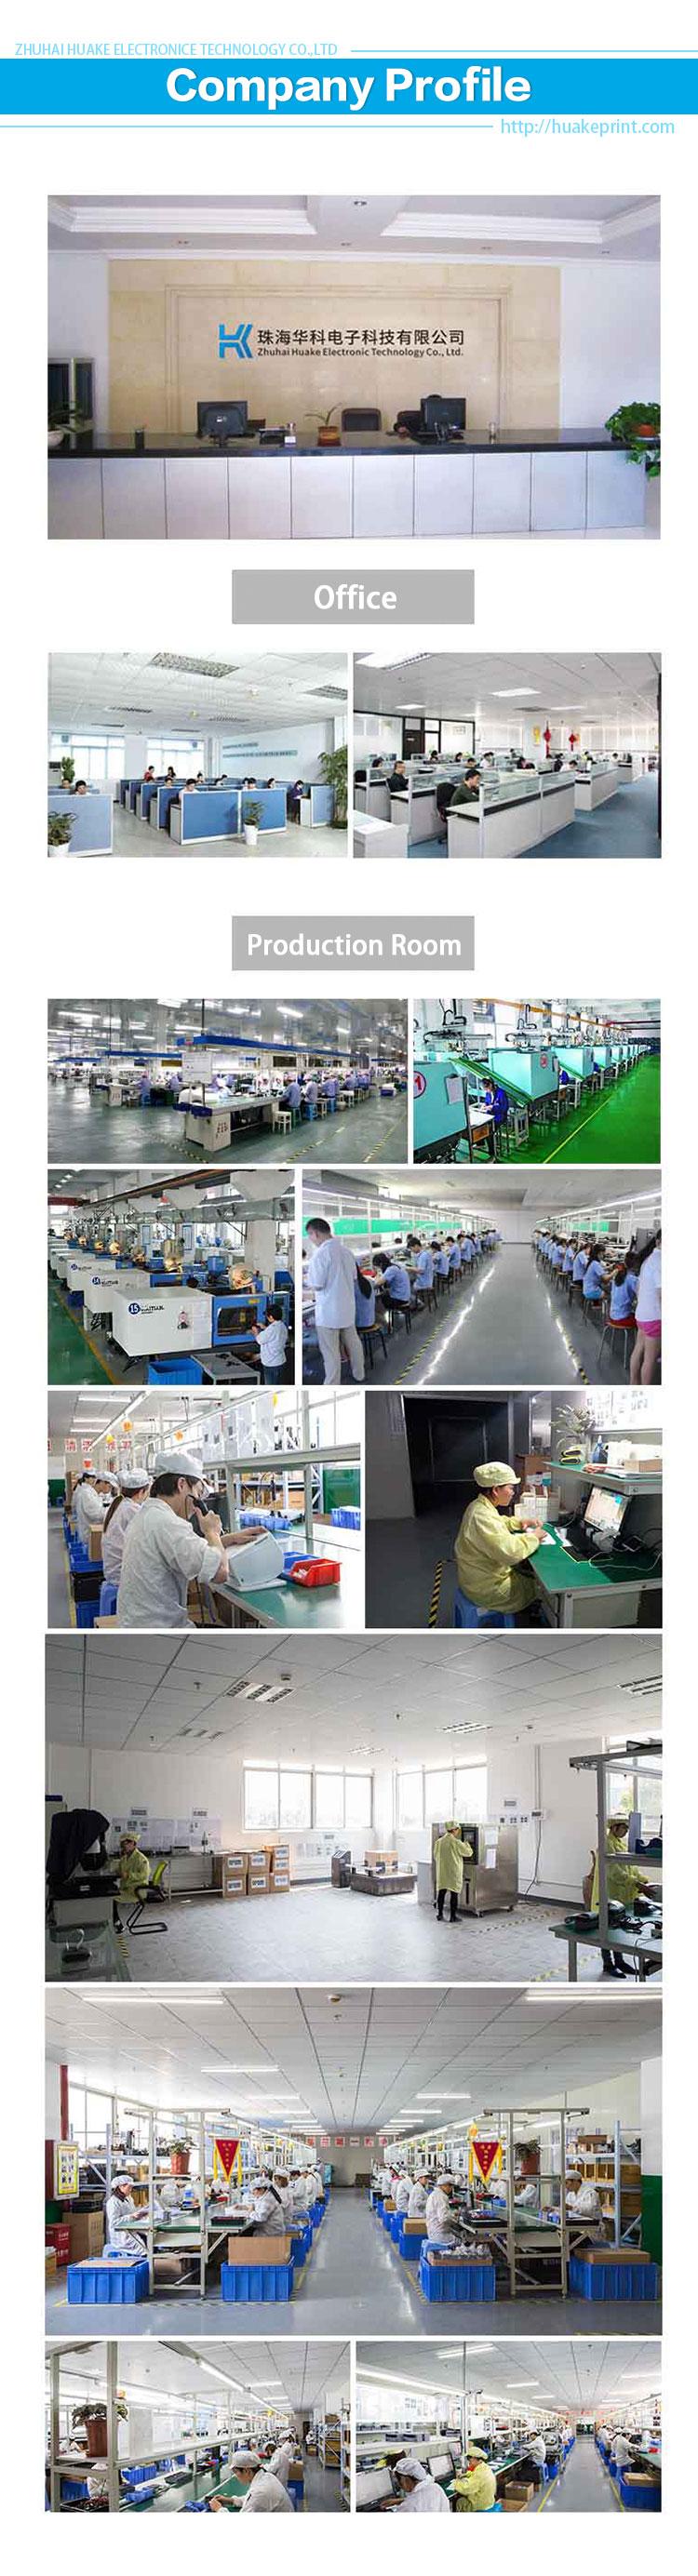 Android Smart EPOS Machine/Bus Validator voor Vervoersbewijzen op City Bus China Fabriek POS